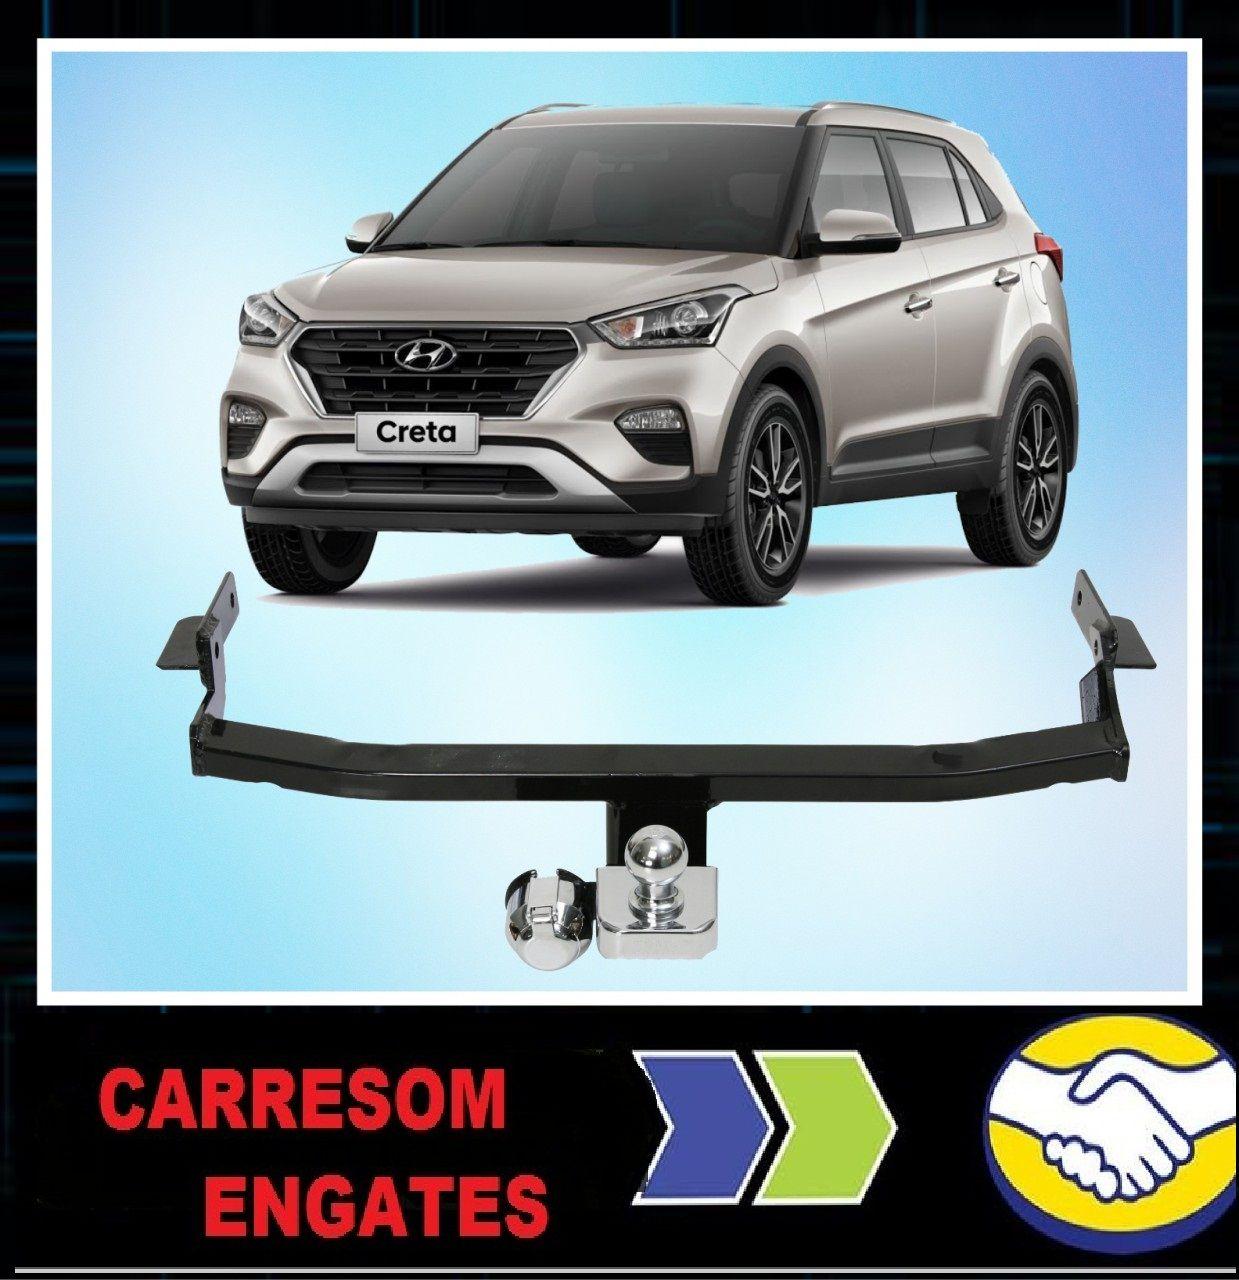 Engate De Reboque Hyundai Creta Lançamento